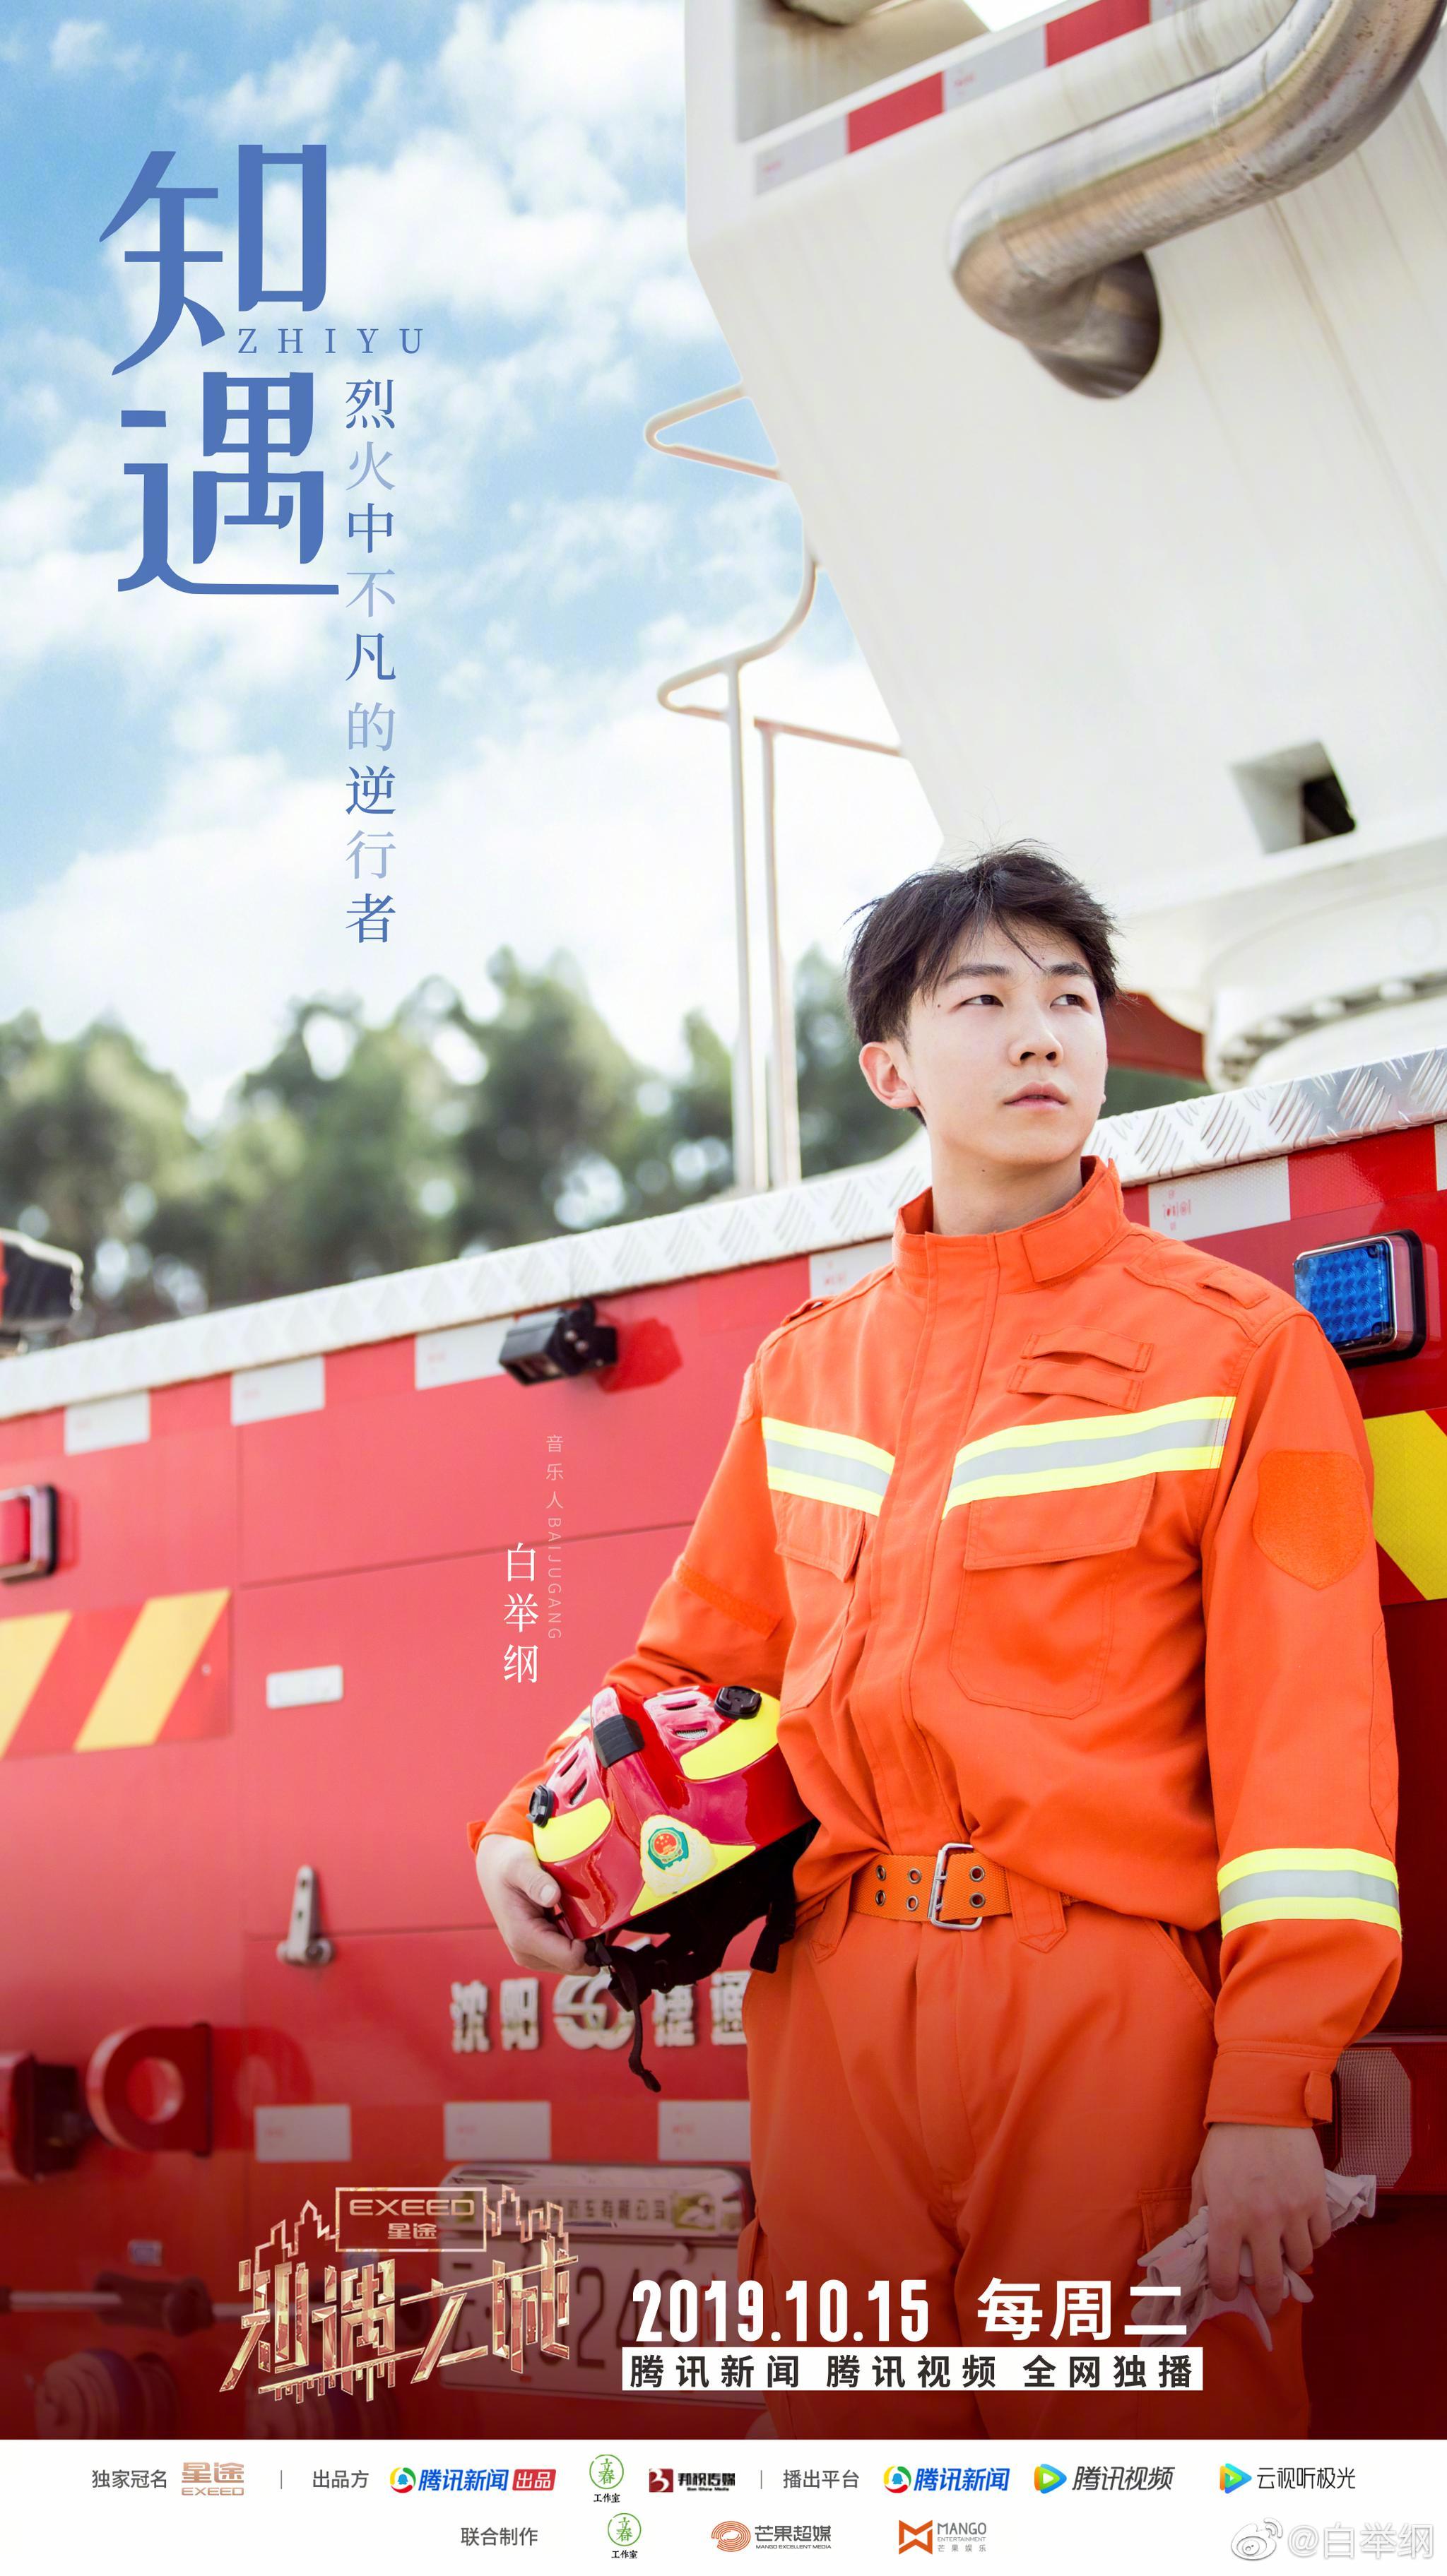 第一次走进消防中队,第一次穿上火焰蓝的制服。与他们同吃同睡